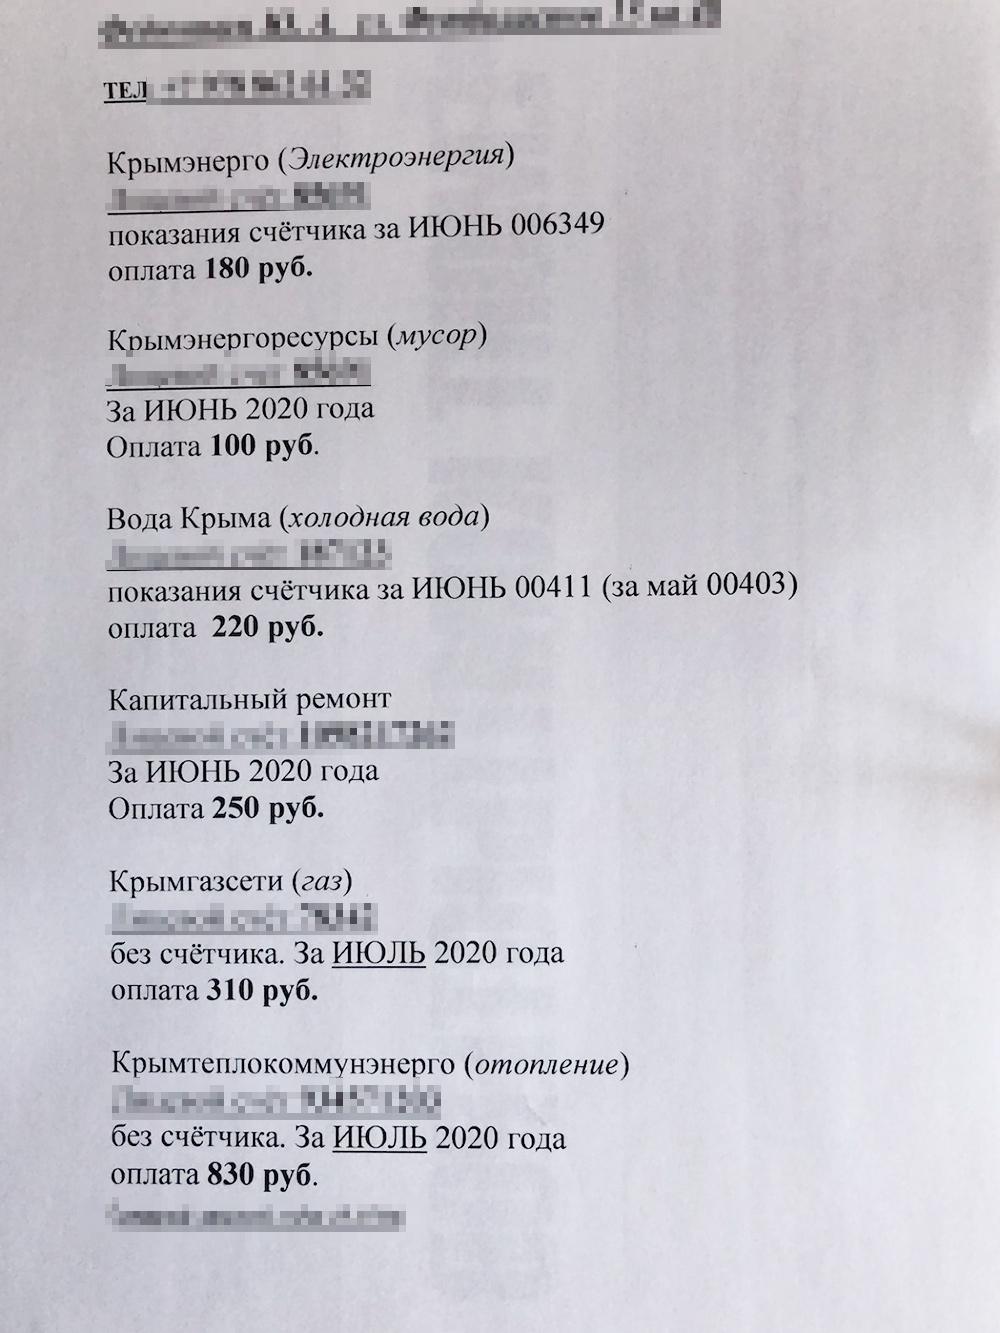 Форма дляоплаты ЖКУ